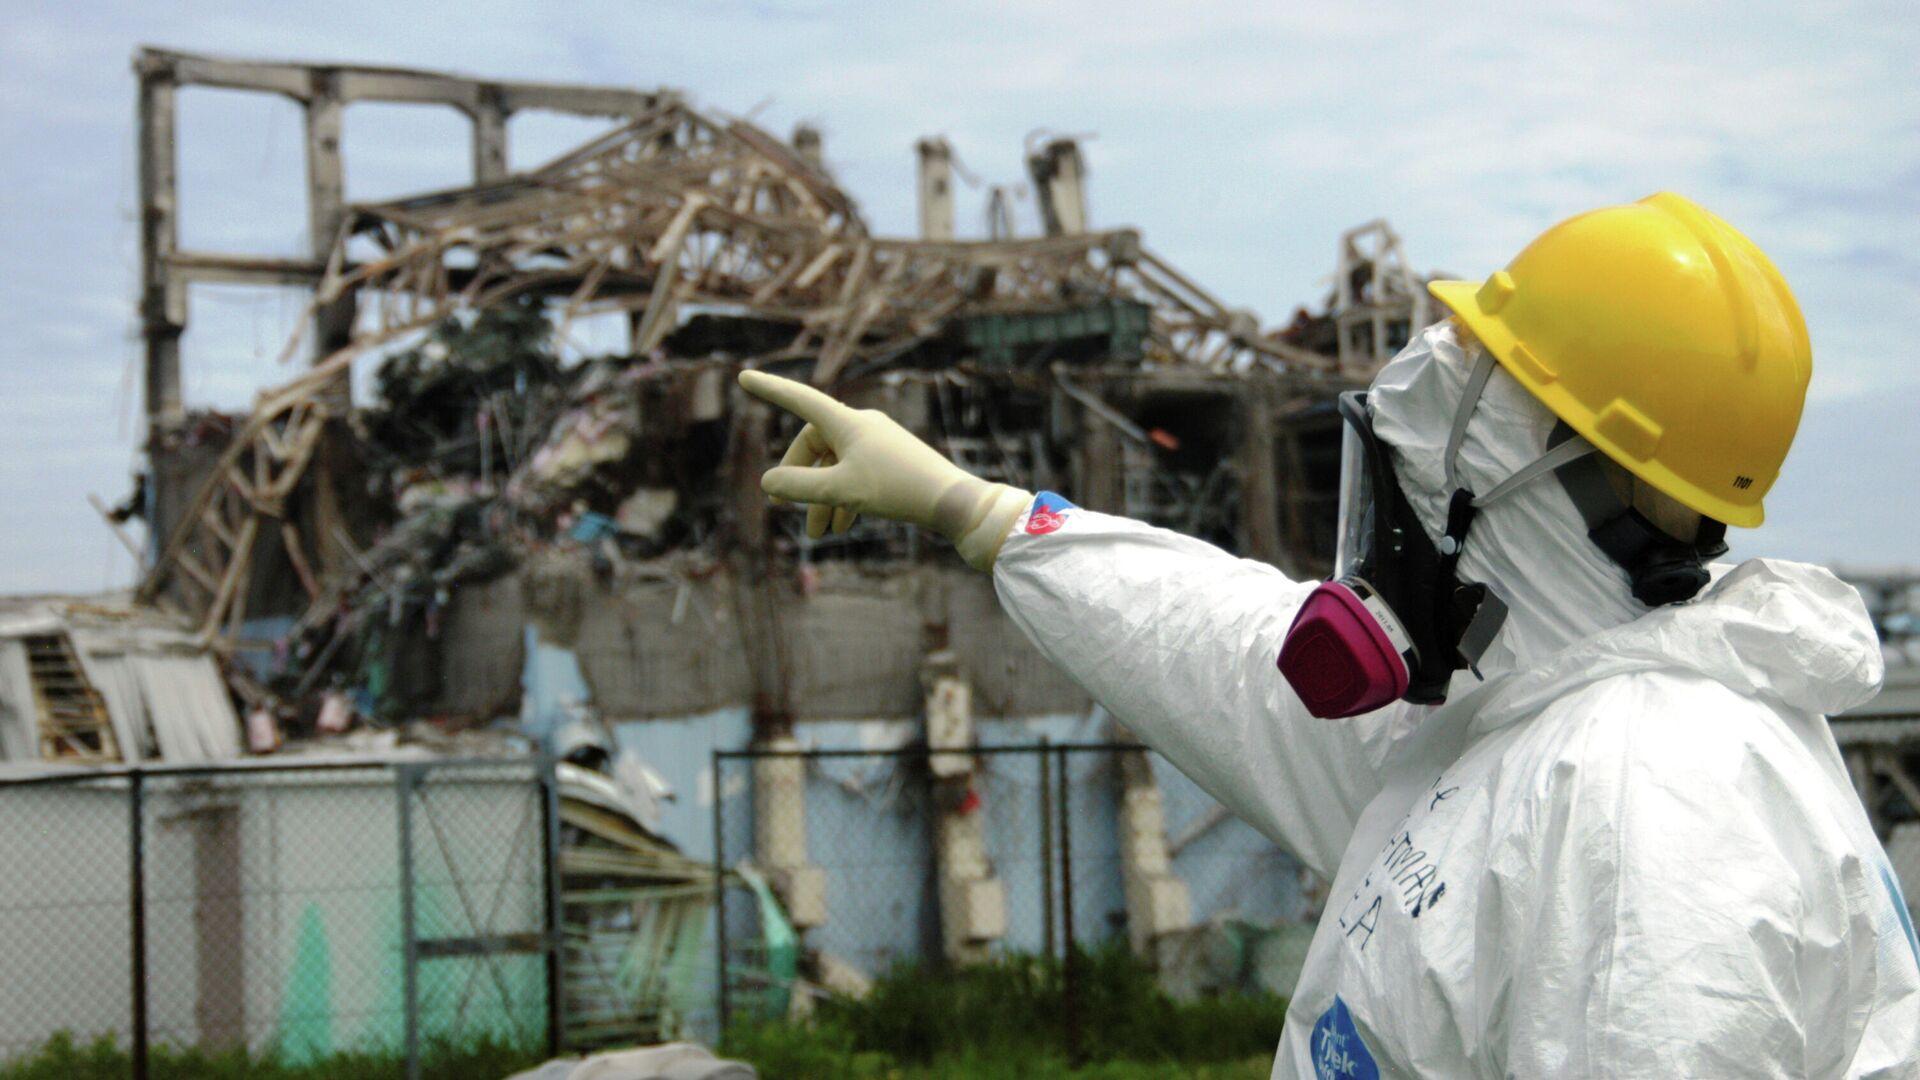 El tercer reactor de la planta nuclear de Fukushima Dai-ichi en mayo de 2011 - Sputnik Mundo, 1920, 11.03.2021